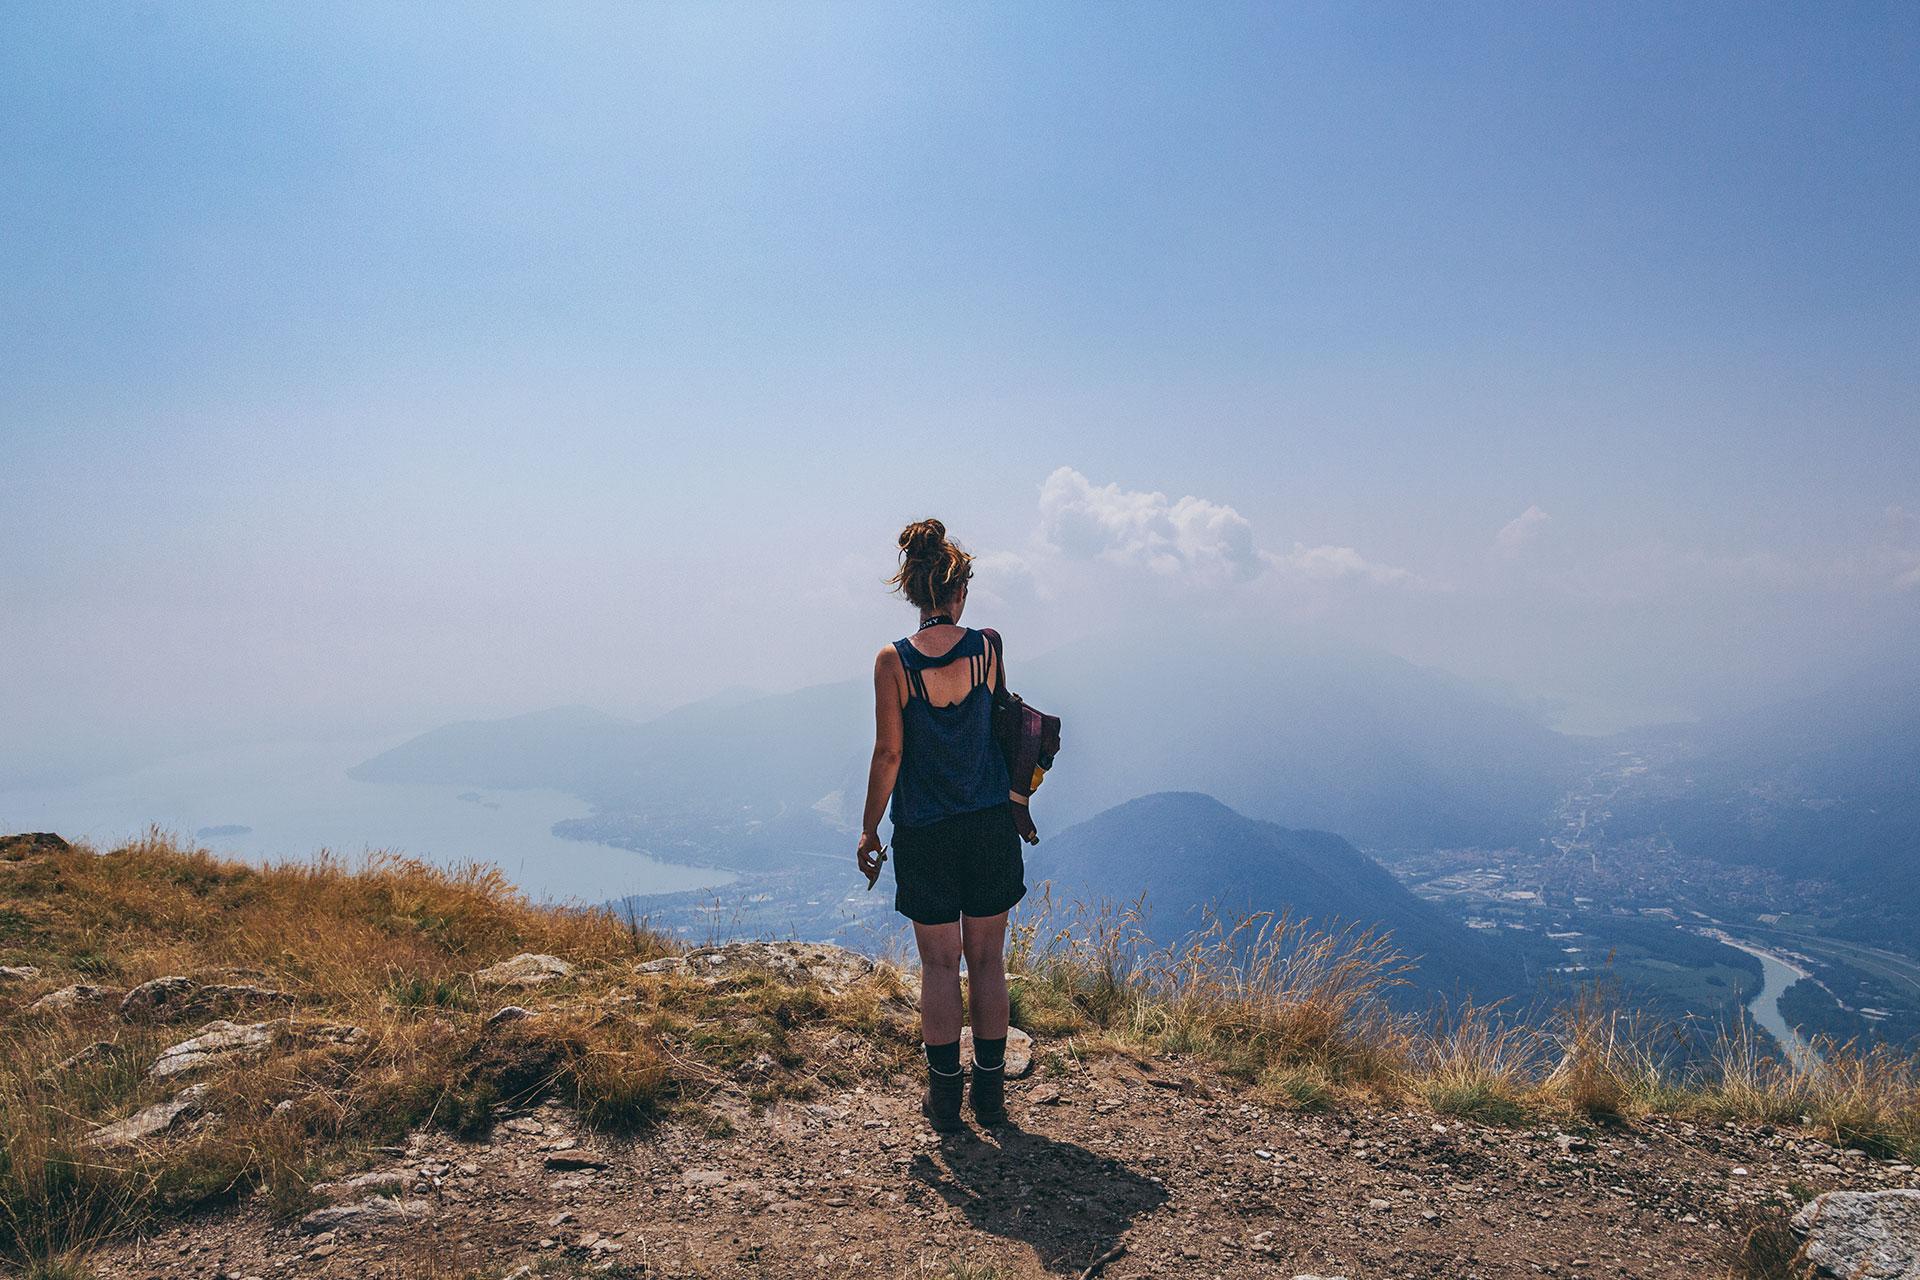 Etwas dunstig zwar, aber alle drei Seen im Blick. Wobei der Lago Maggiore mit Abstand der größte ist.